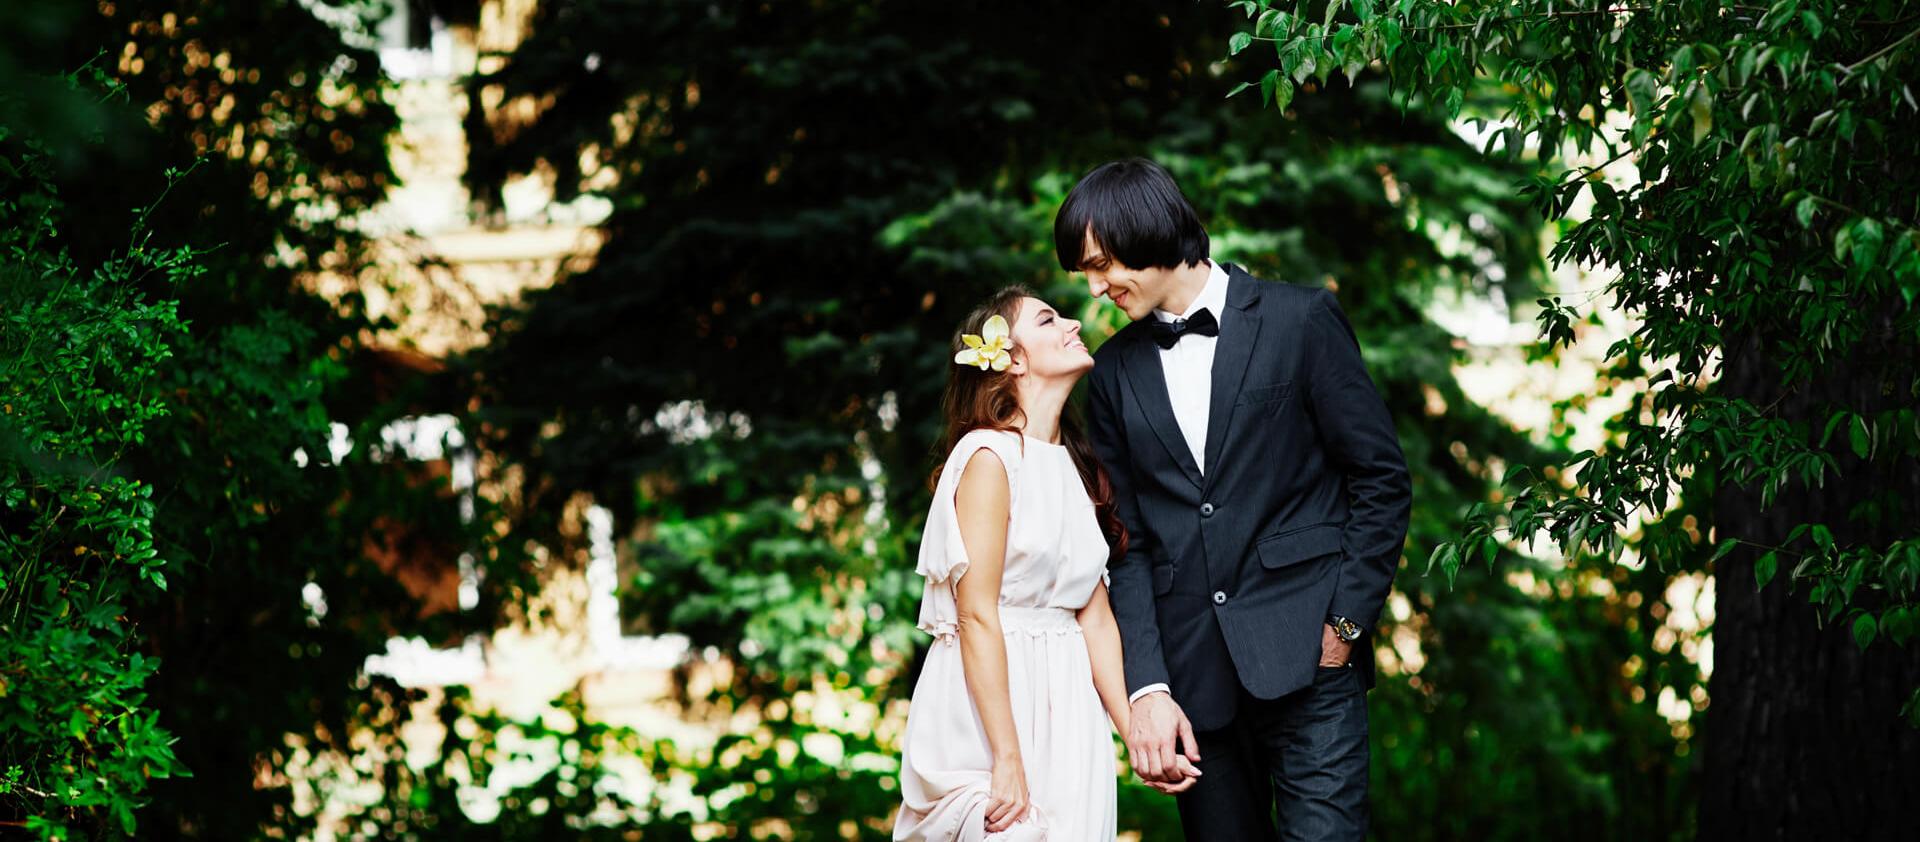 Fotografii, nu poze. Cum să selectezi fotograful ideal pentru nuntă